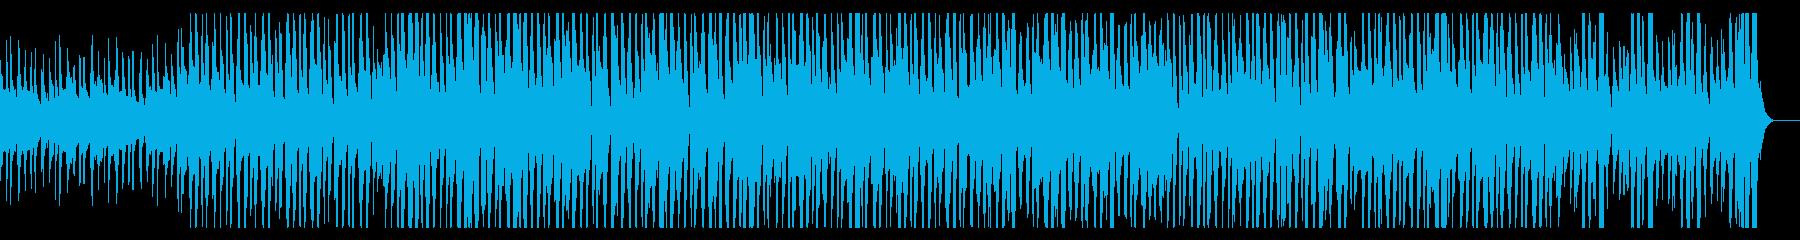 ほんわかした明るくやさしい口笛とウクレレの再生済みの波形